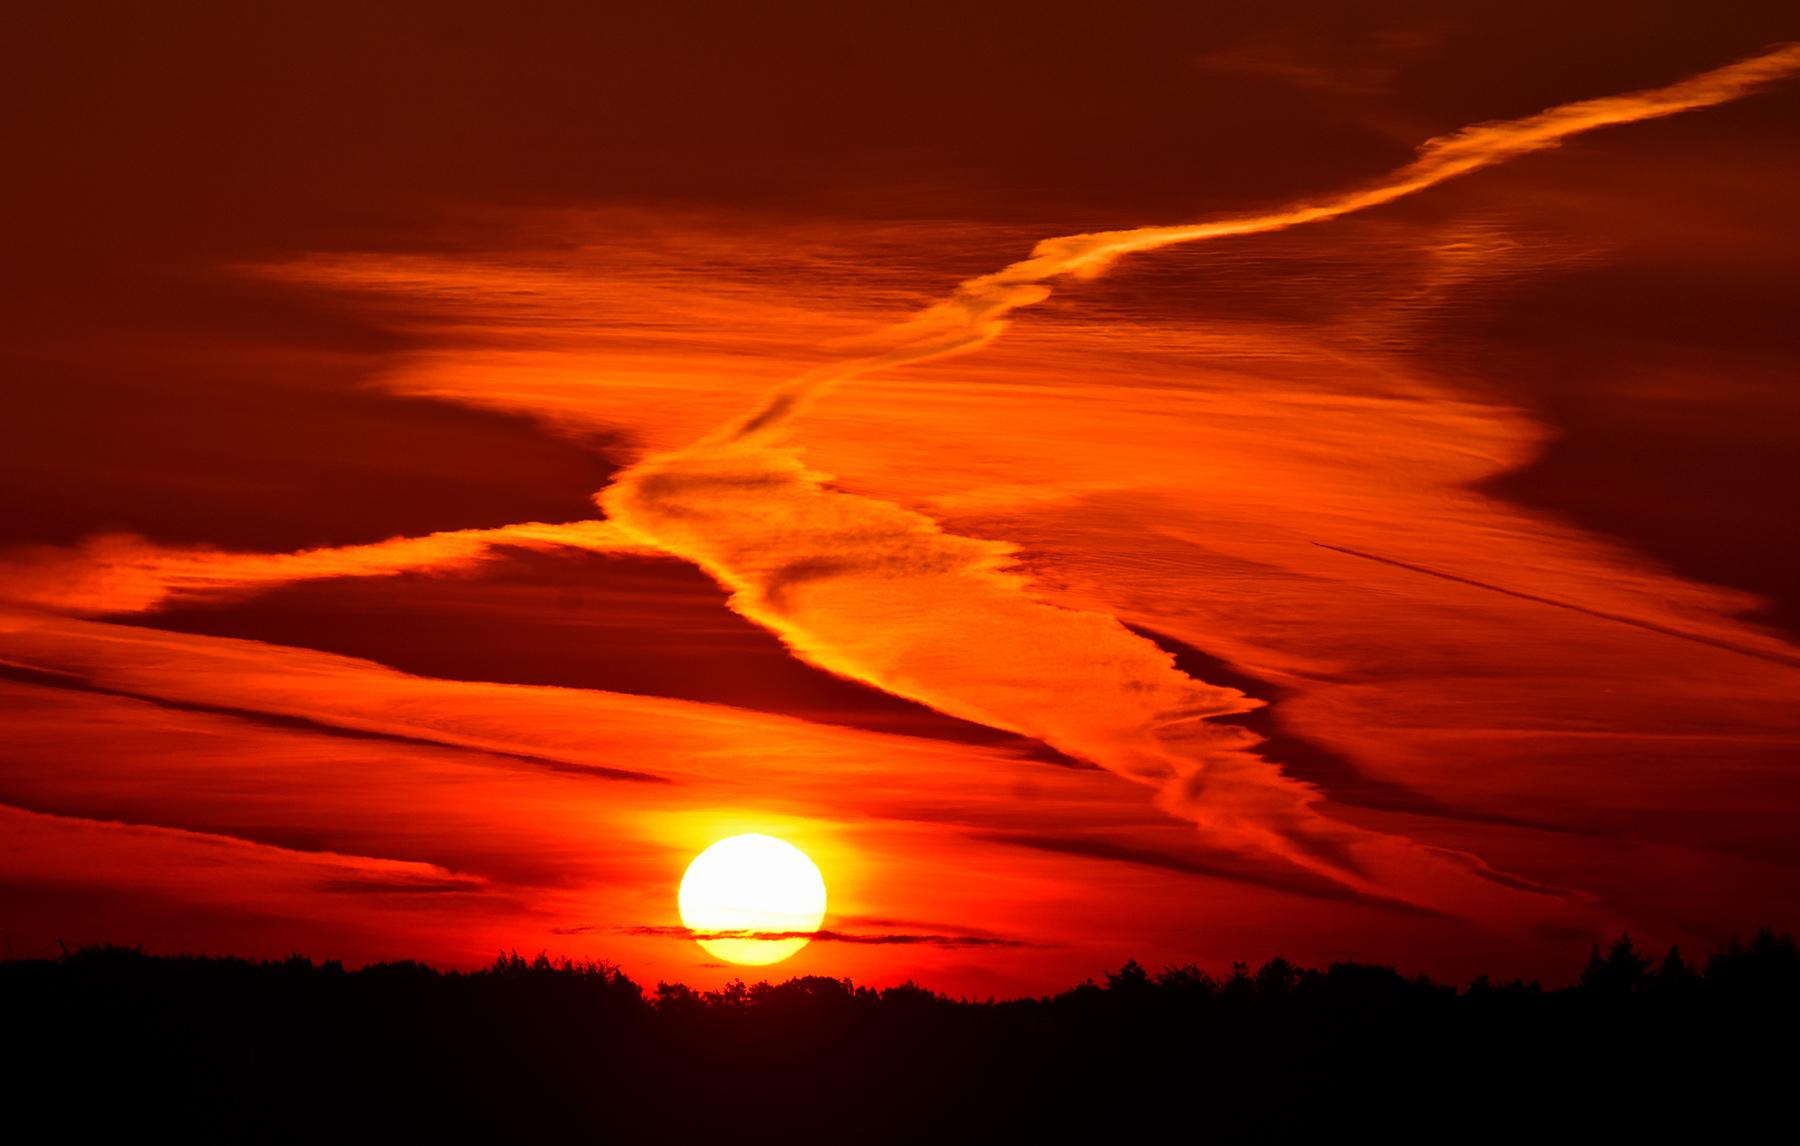 Het lijkt wel of een gevleugelde persoon het licht van de opkomende zon wilde omarmen - Foto:©Louis Fraanje